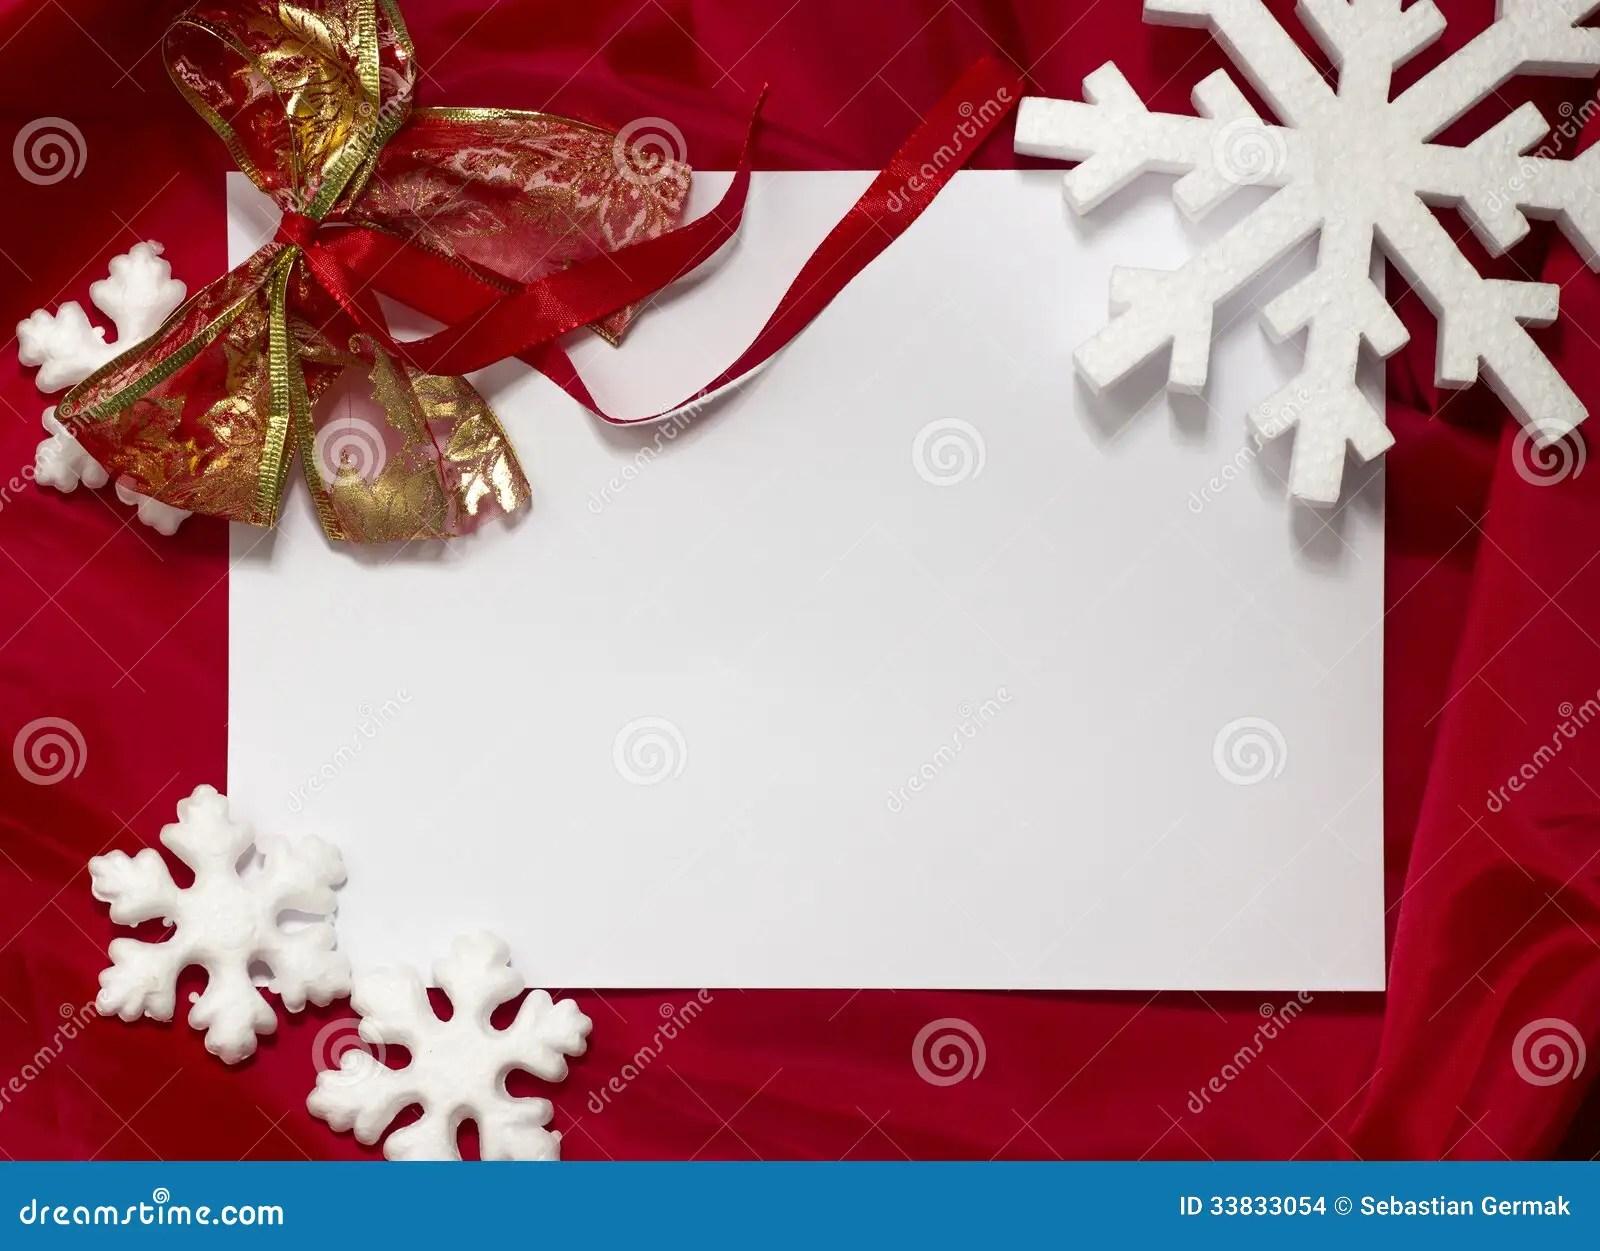 Christmas Card Stock Photo Image Of Celebration